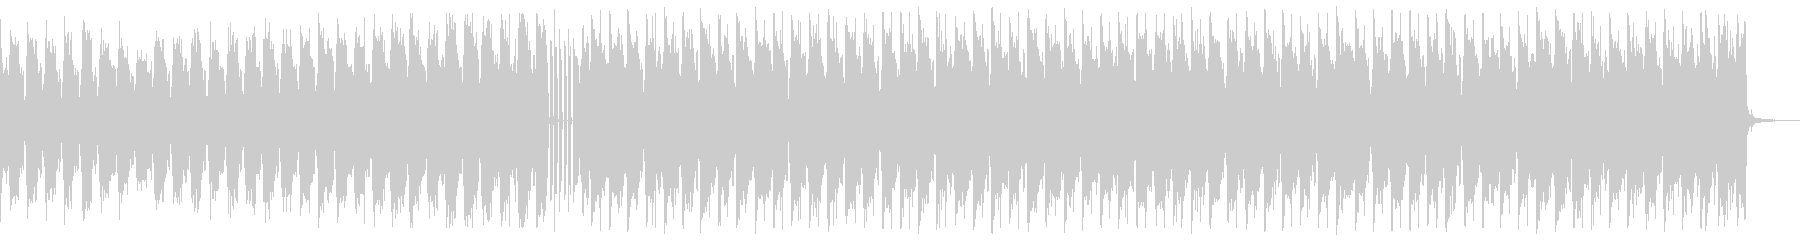 キラキラしたエレクトロ_No645_3の未再生の波形